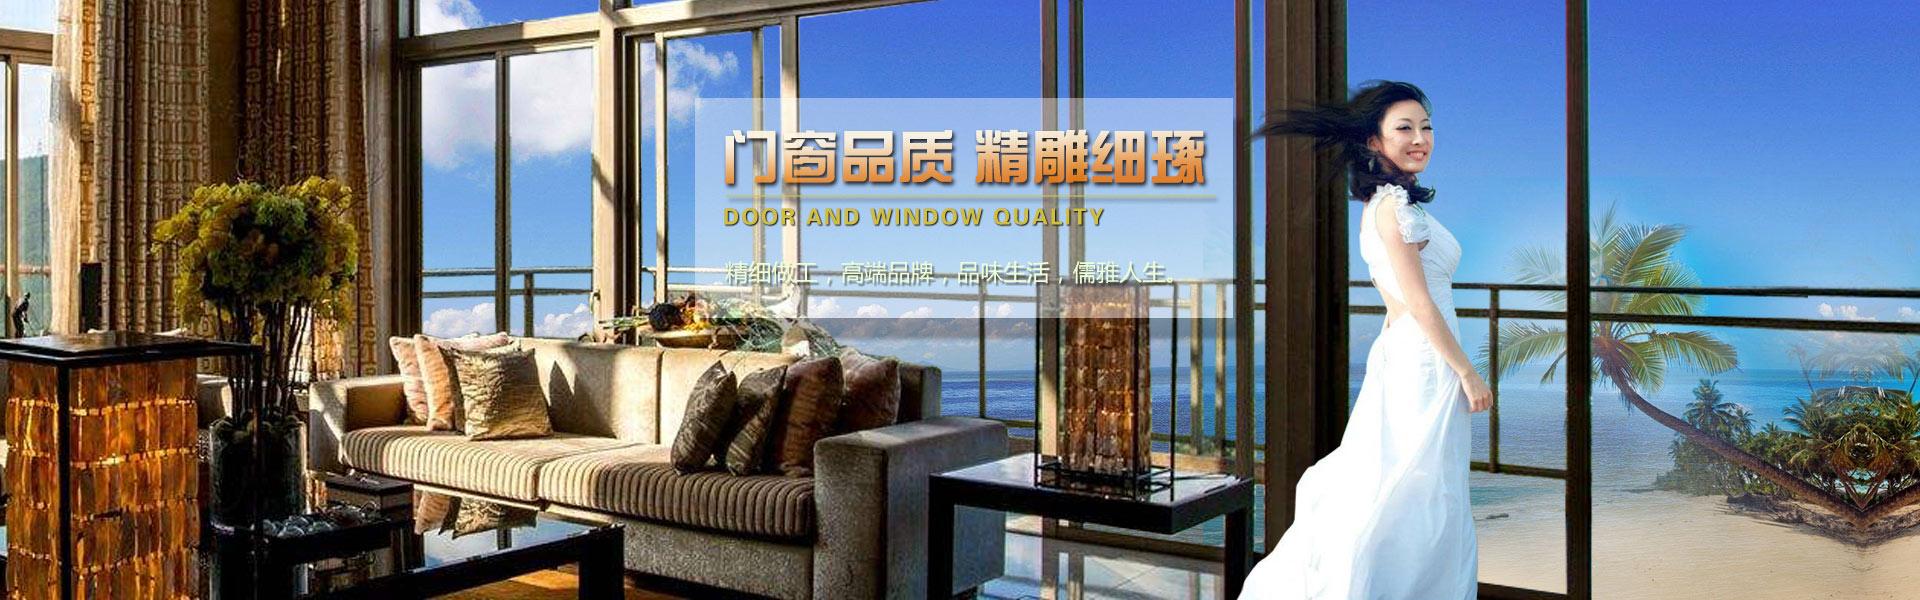 贵州门窗系统